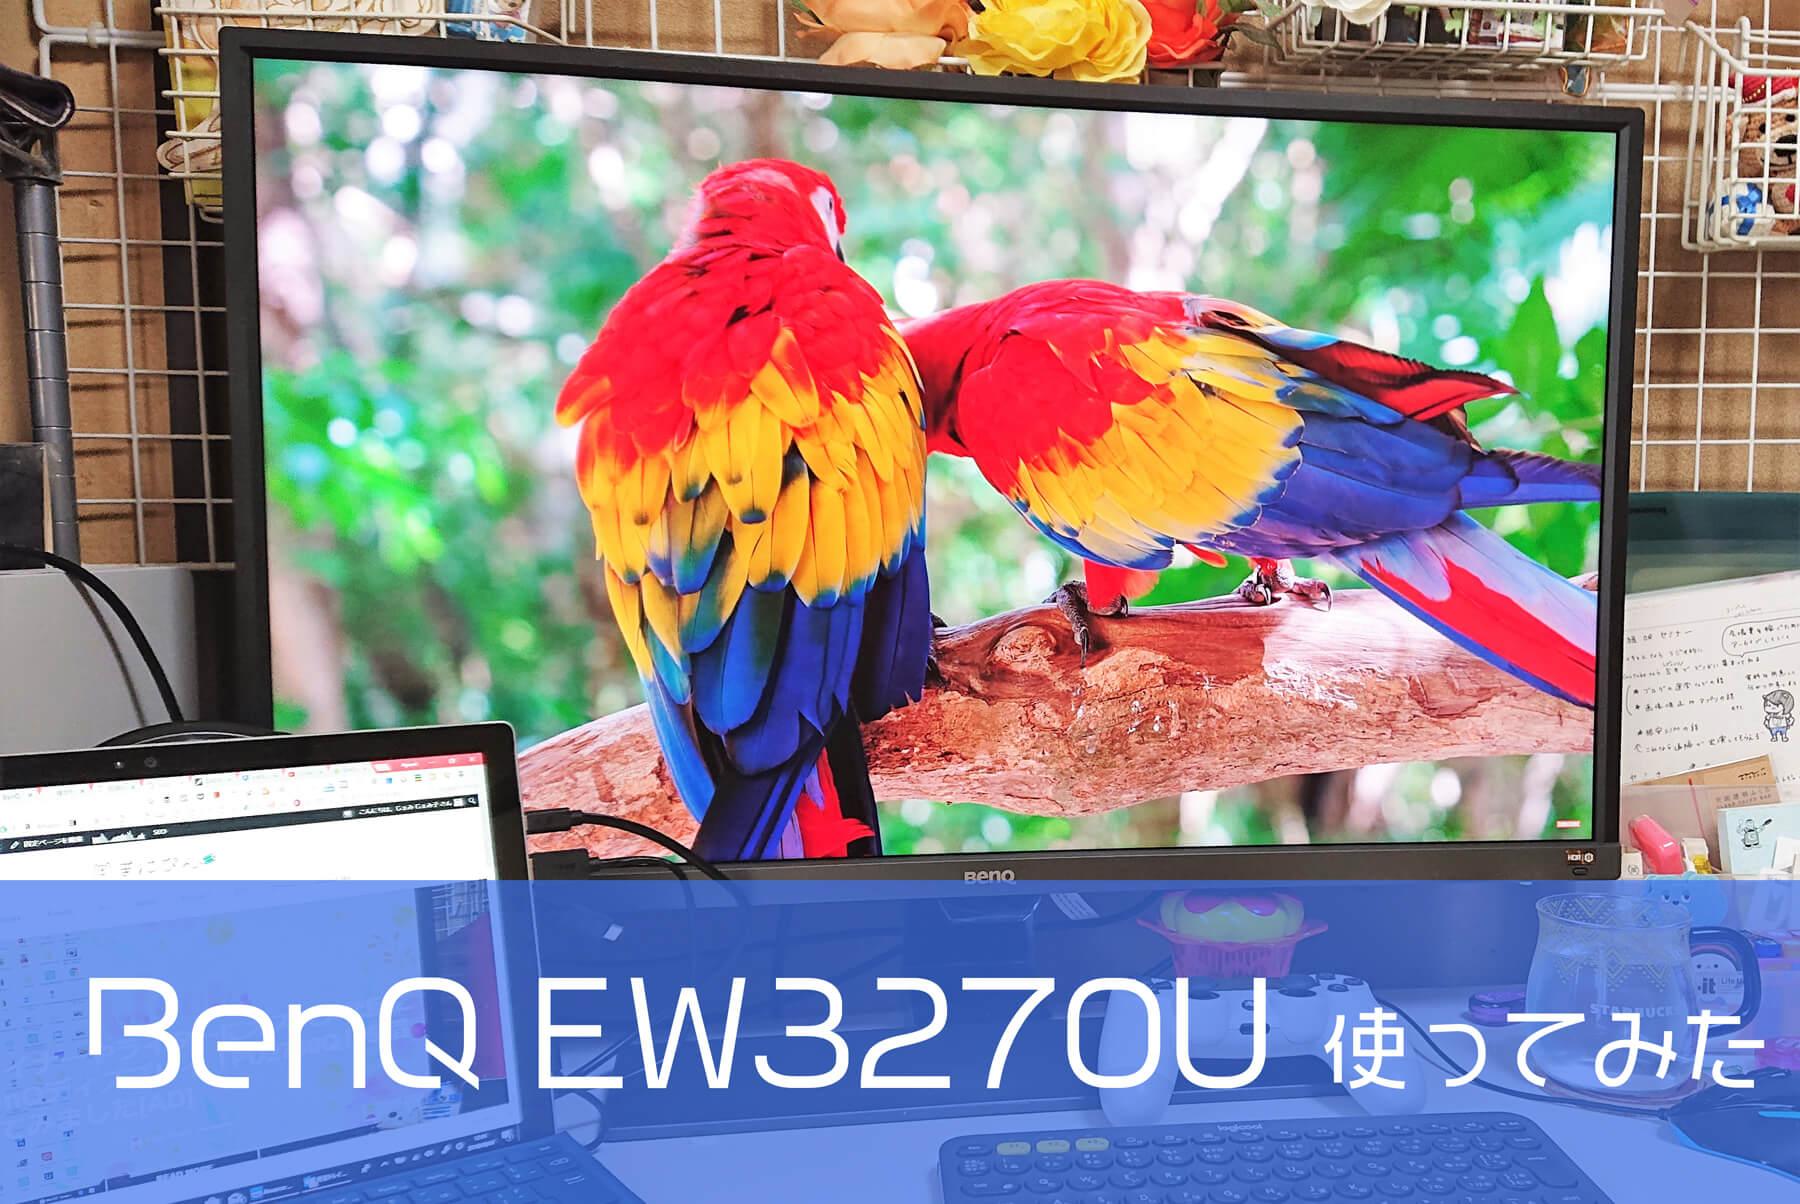 目に優しくてクッキリキレイなBenQディスプレイ「EW3270U」をお試し!映画好きにもオススメ【AD】